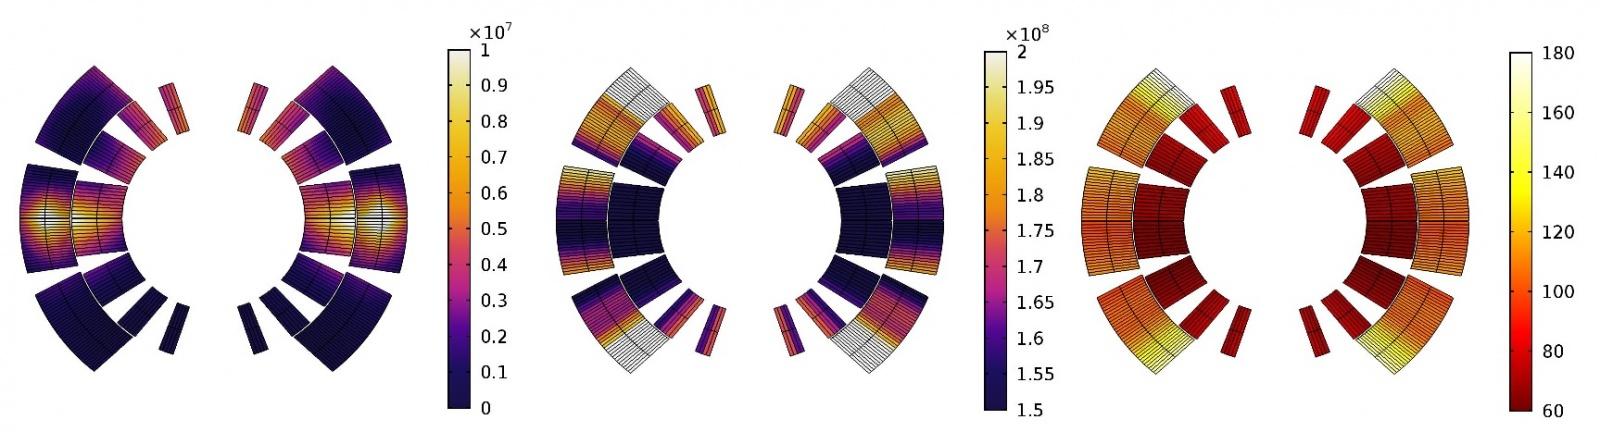 Анализ срывов сверхпроводимости магнитов Большого адронного коллайдера в CERN - 7